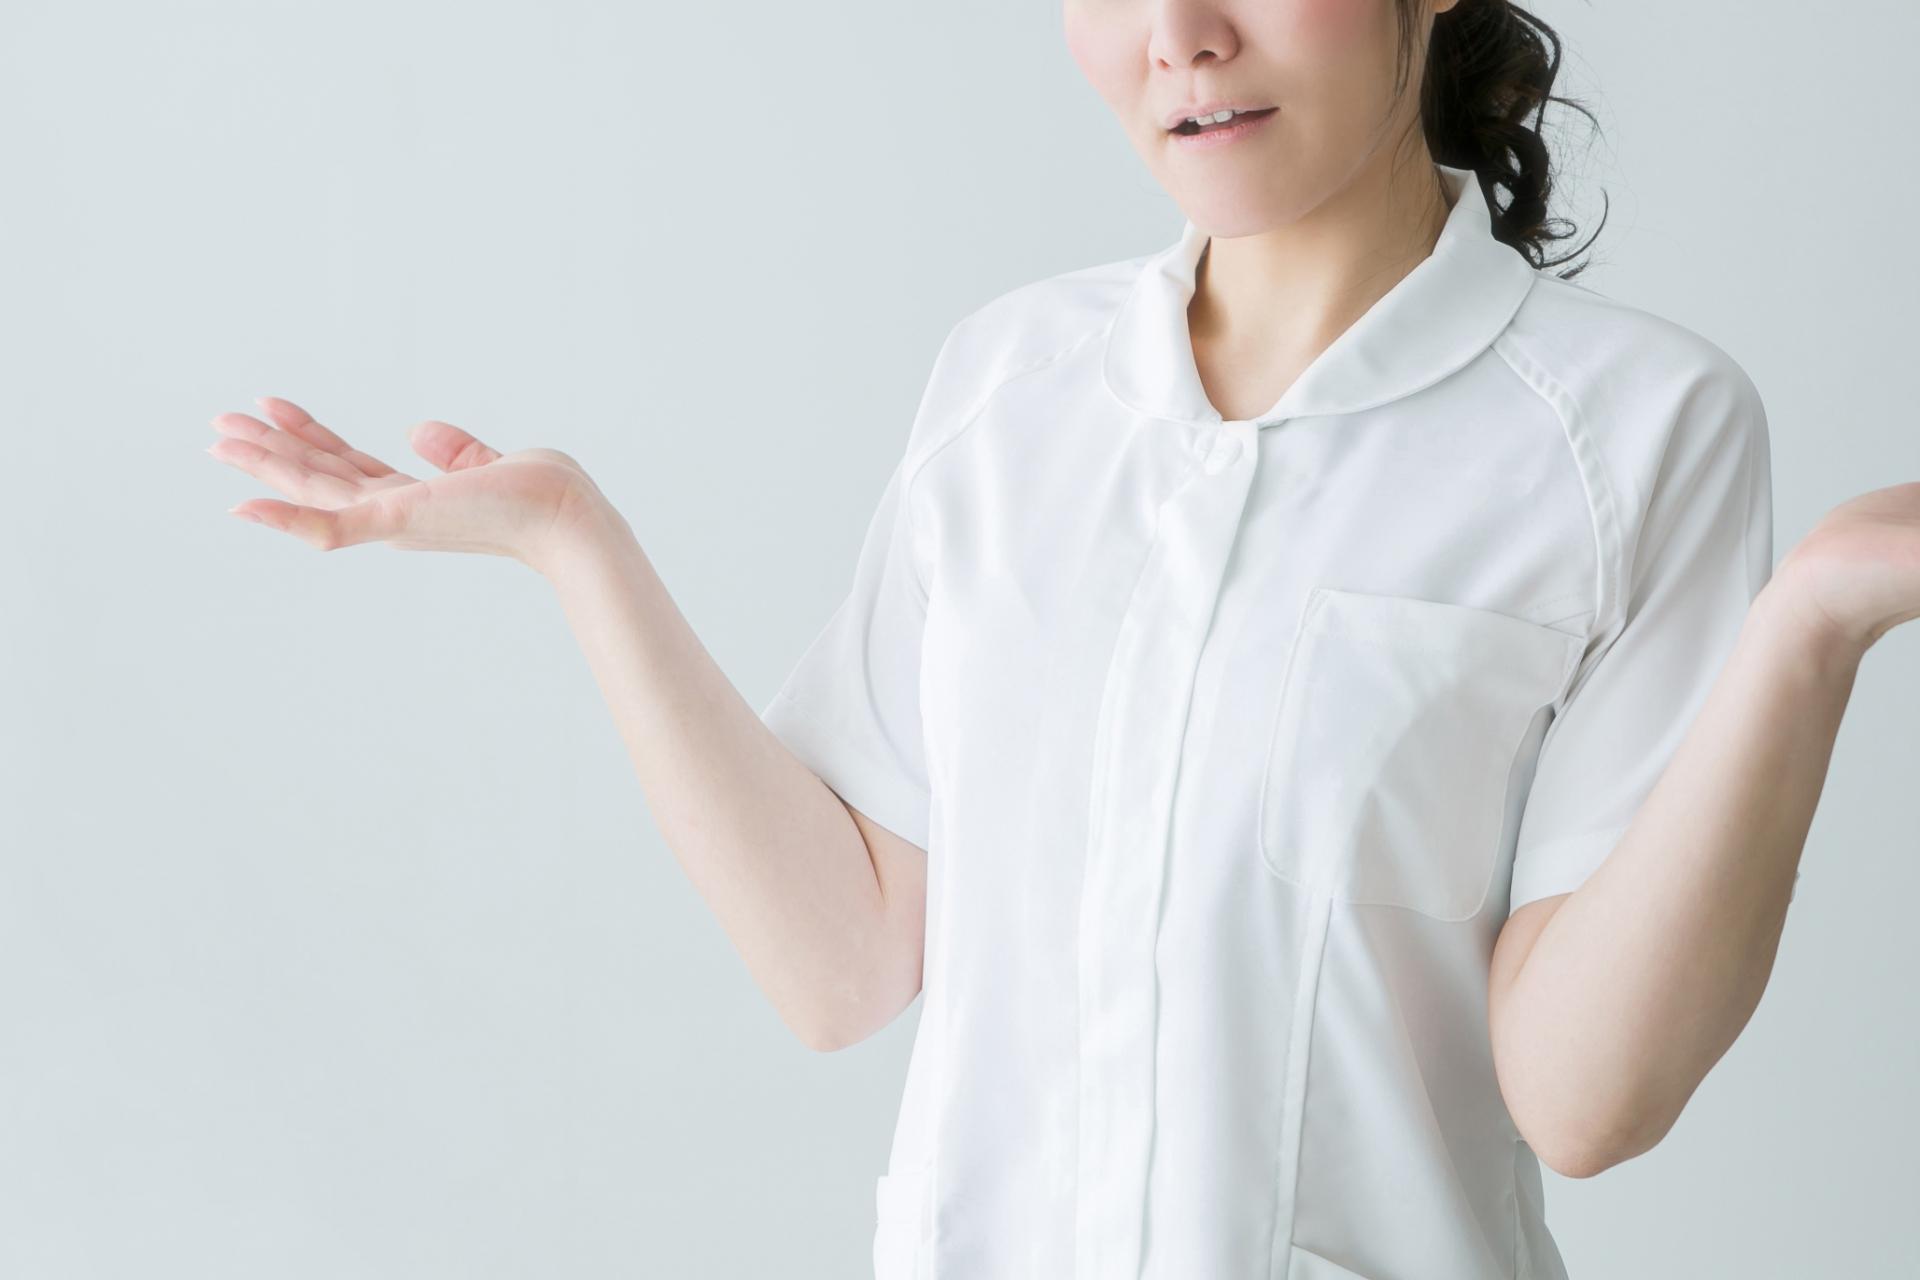 准看護師 給料 安い